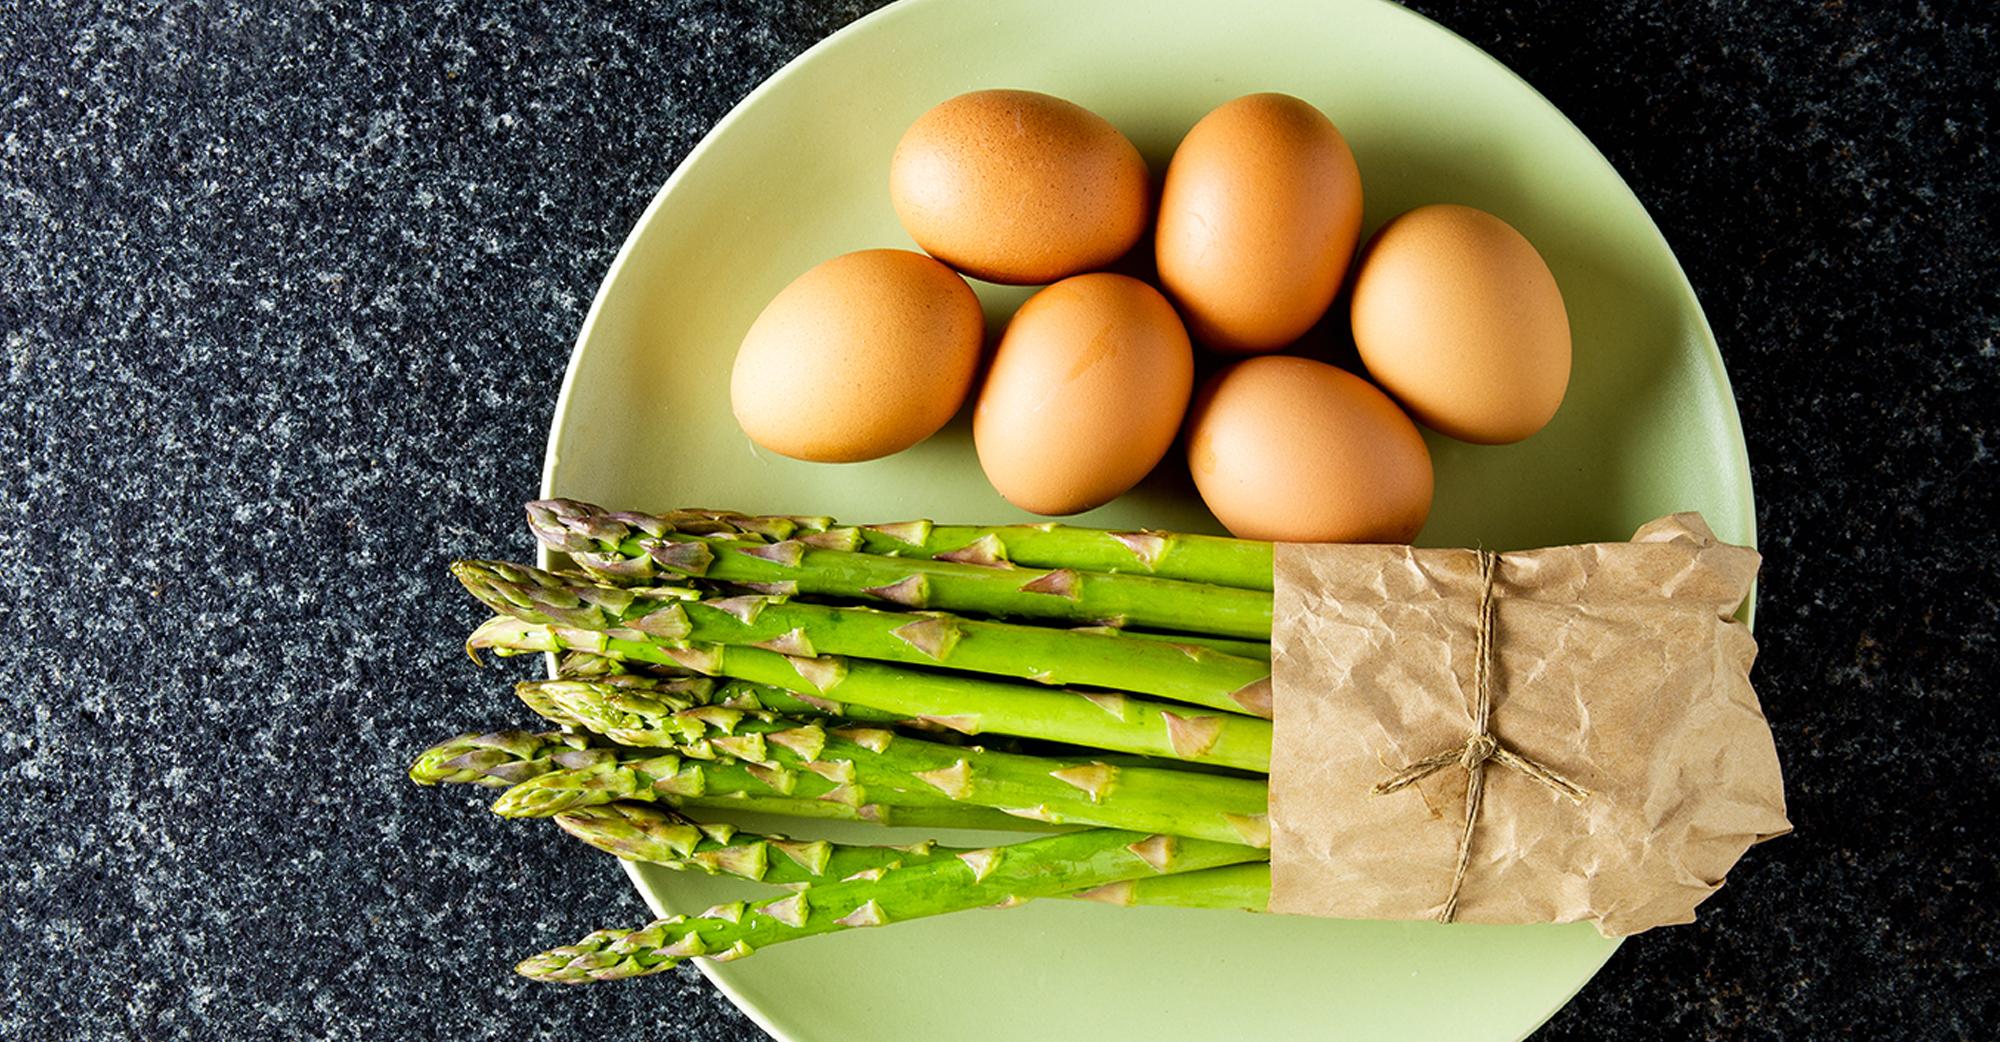 Quiche asparagi e patate, gusto e salute!